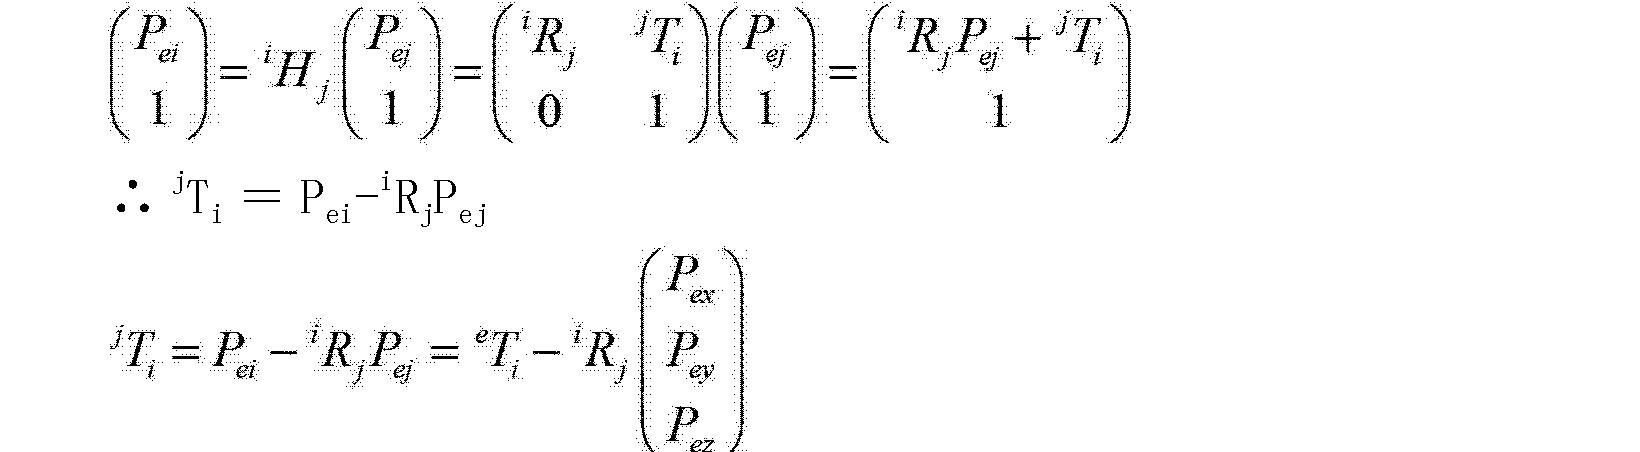 Figure CN104165584AC00053